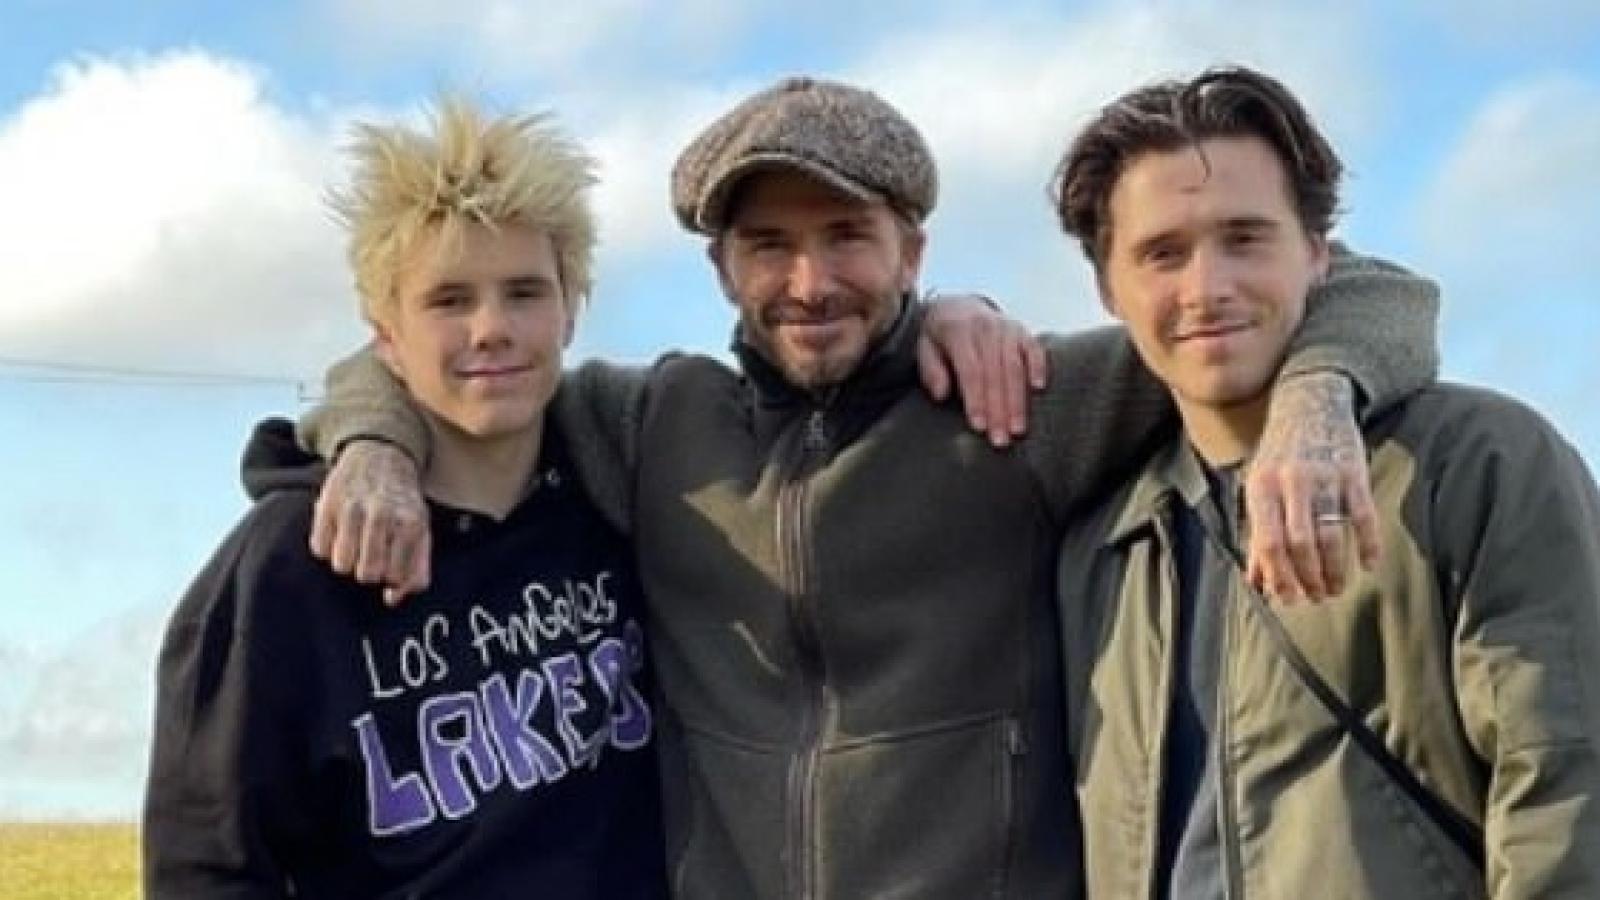 David Beckham vui vẻ khoác vai các con khi đi chơi dịp cuối năm